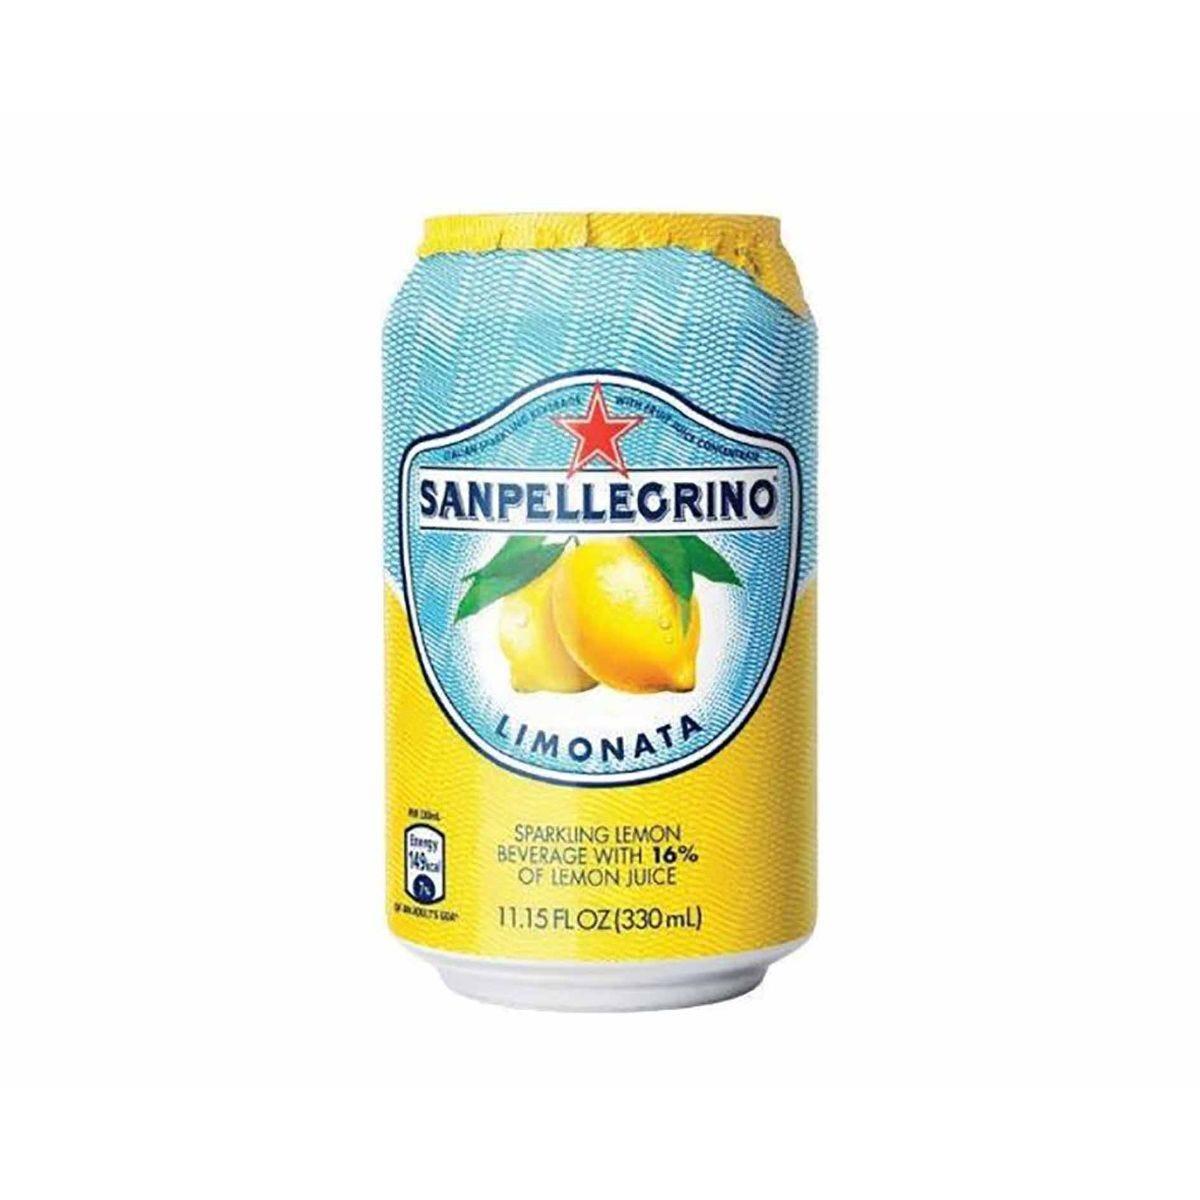 San Pellegrino Limonata Lemon Canned 330ml Pack of 24